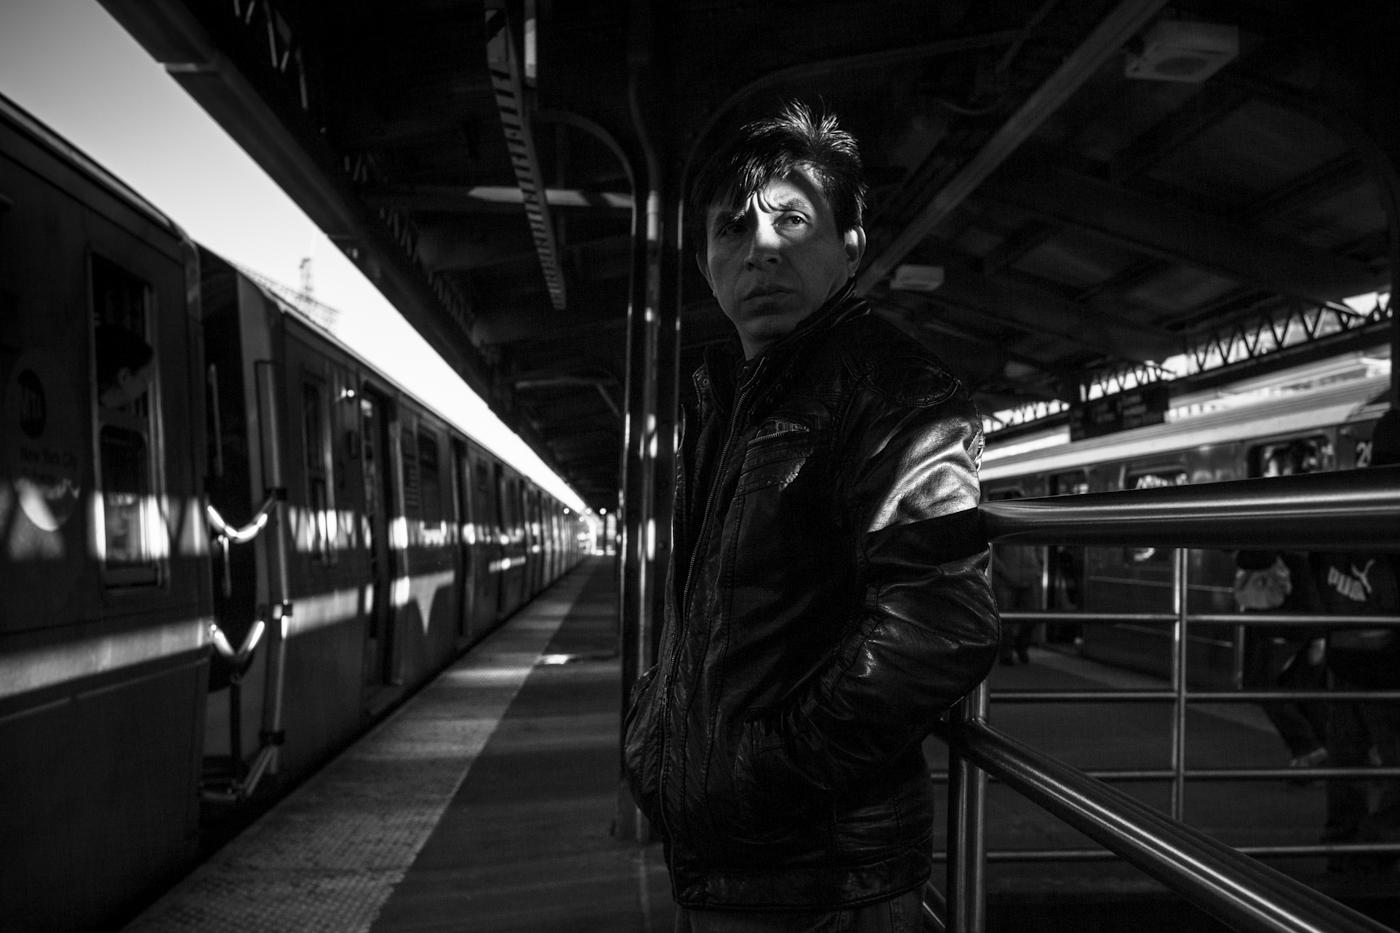 Subways-24.jpg